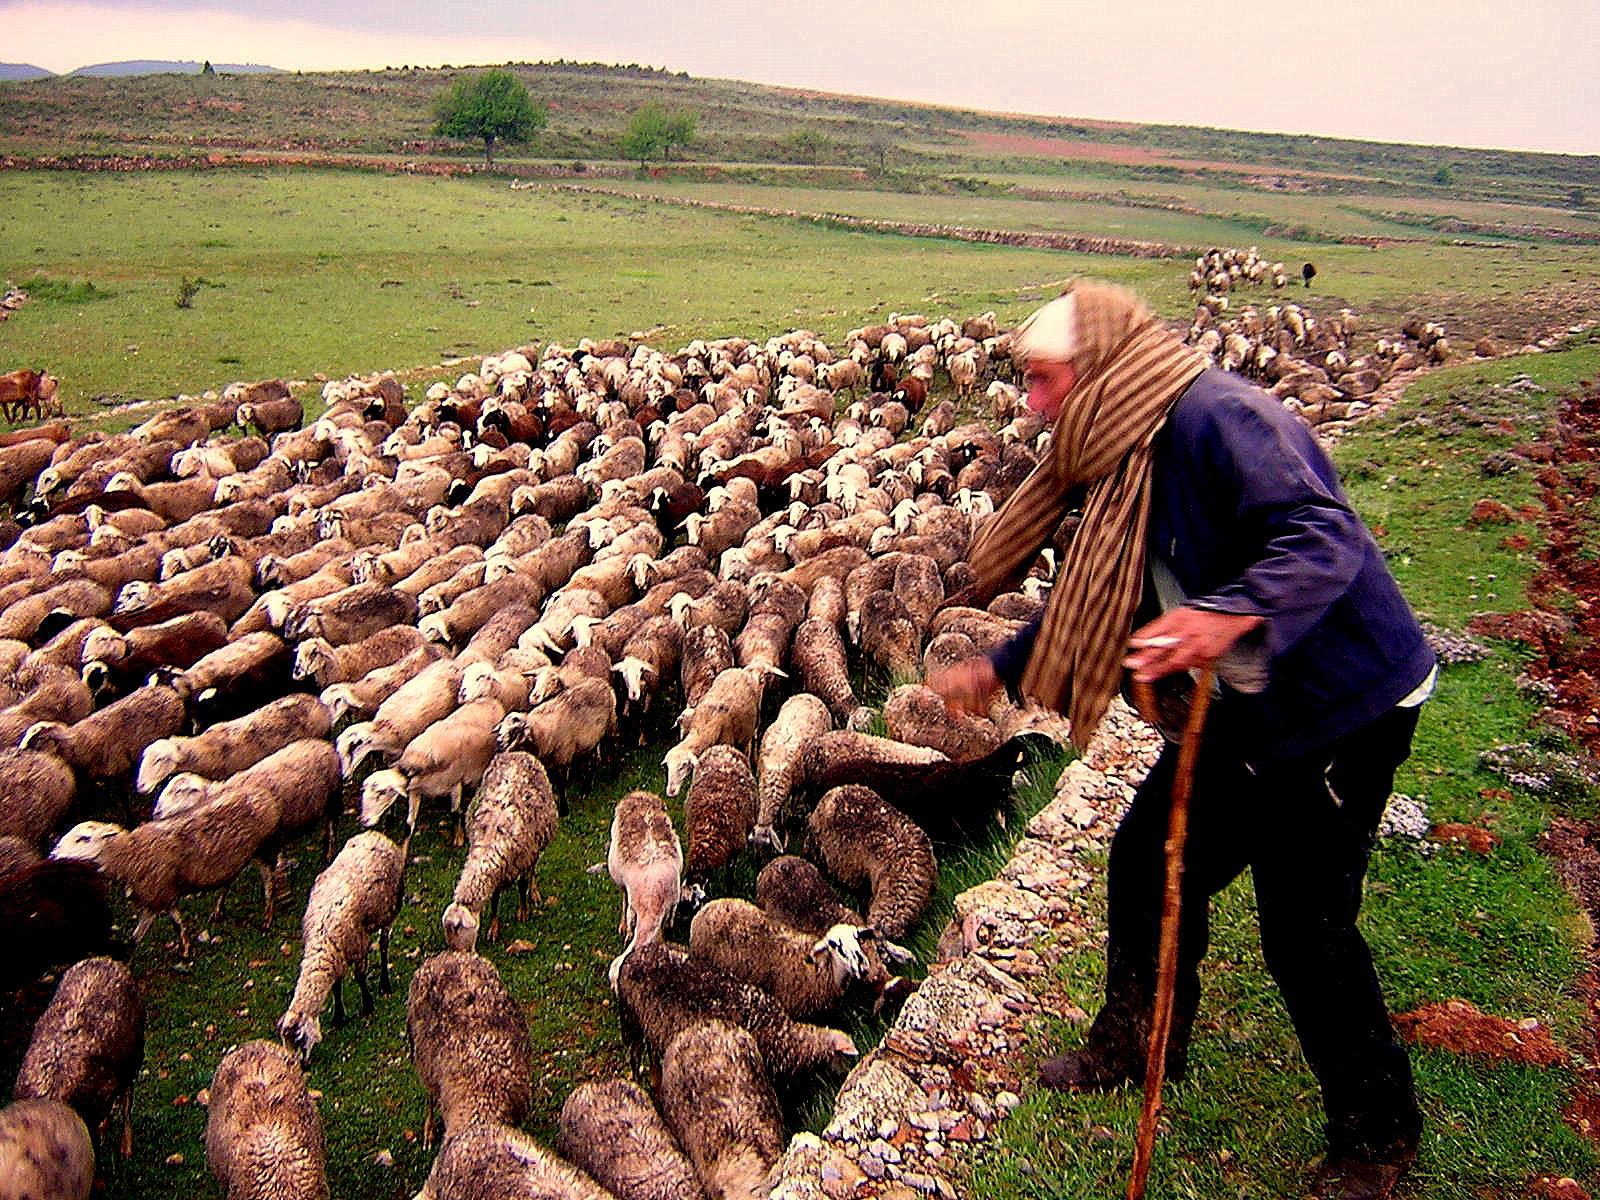 Pastor arreando al ganado. Autor, Gárgoris